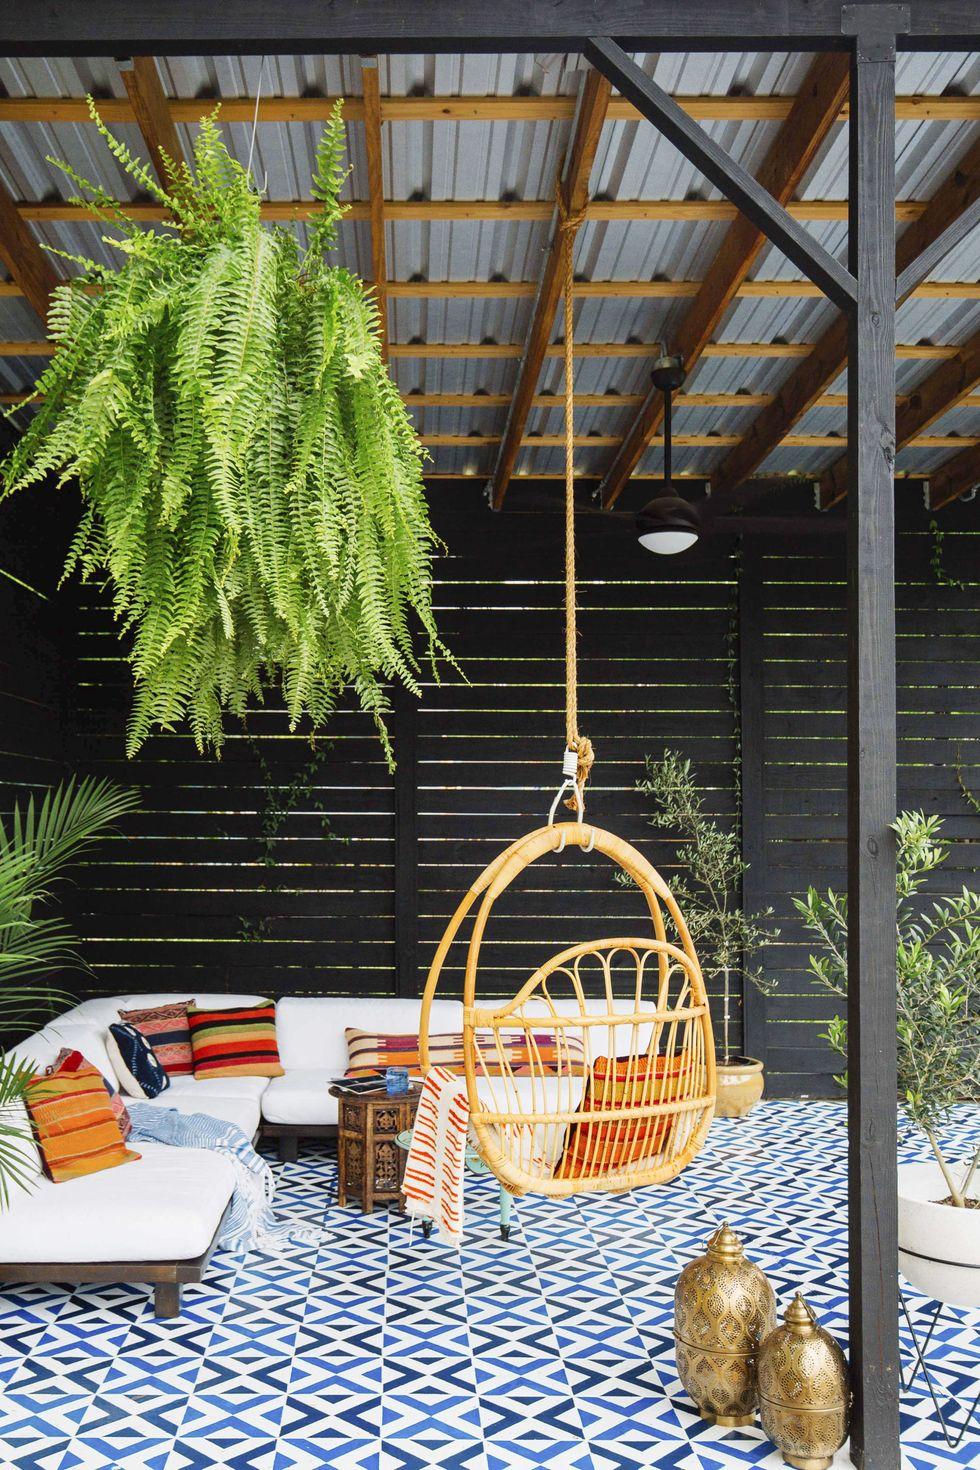 14 Cozy Patio and Porch Design Ideas